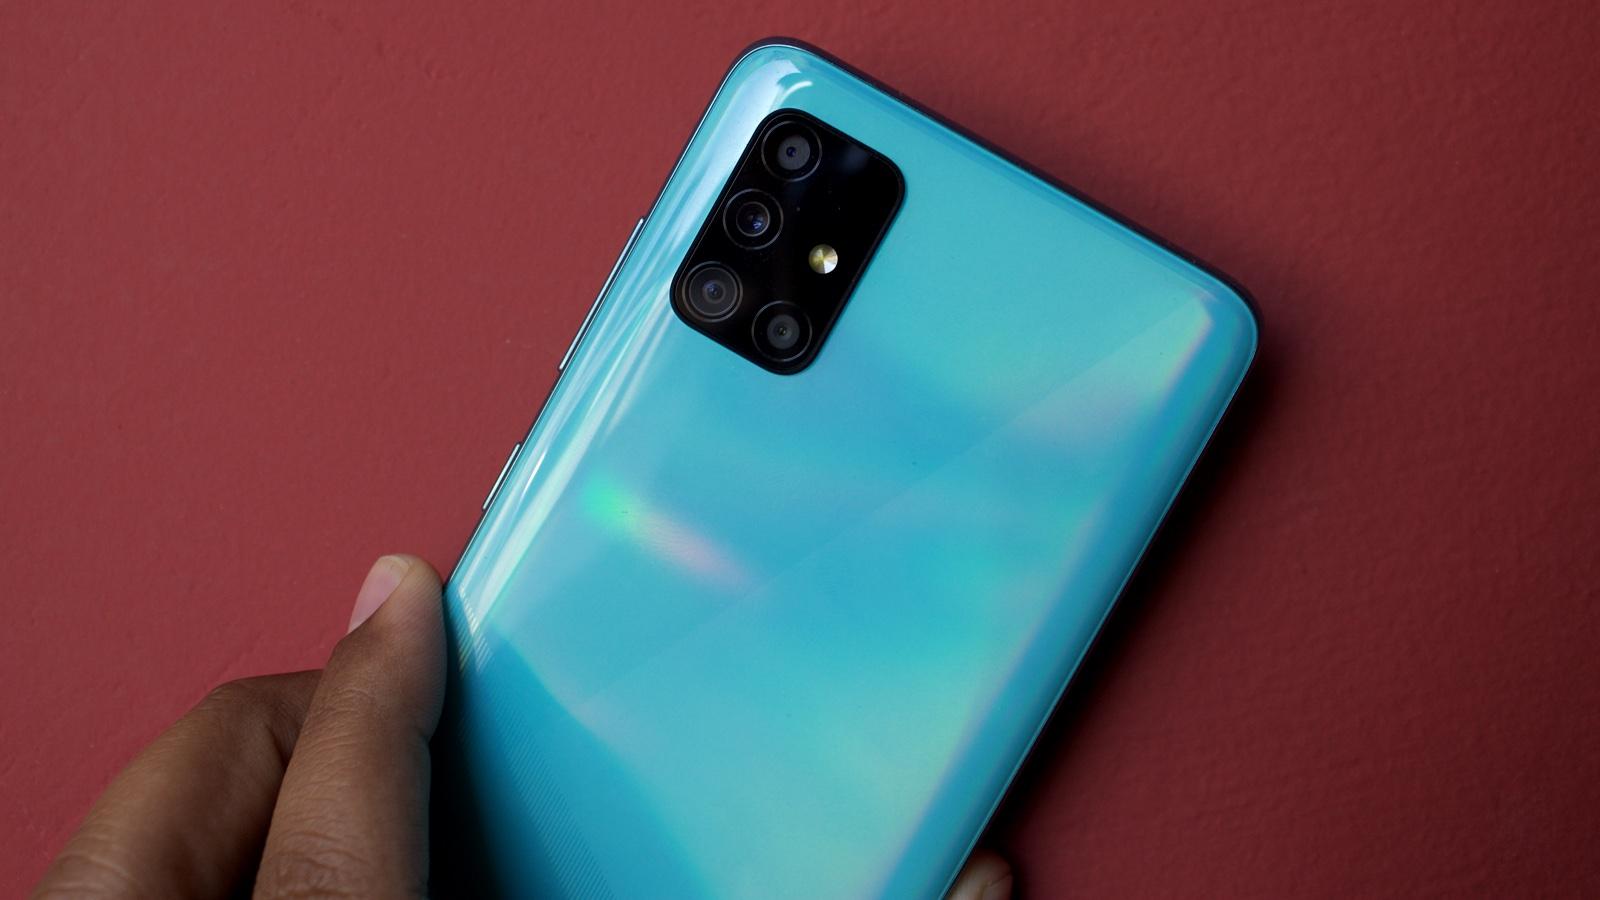 Traseira do Galaxy A51 na cor azul com detalhe para suas múltiplas câmeras